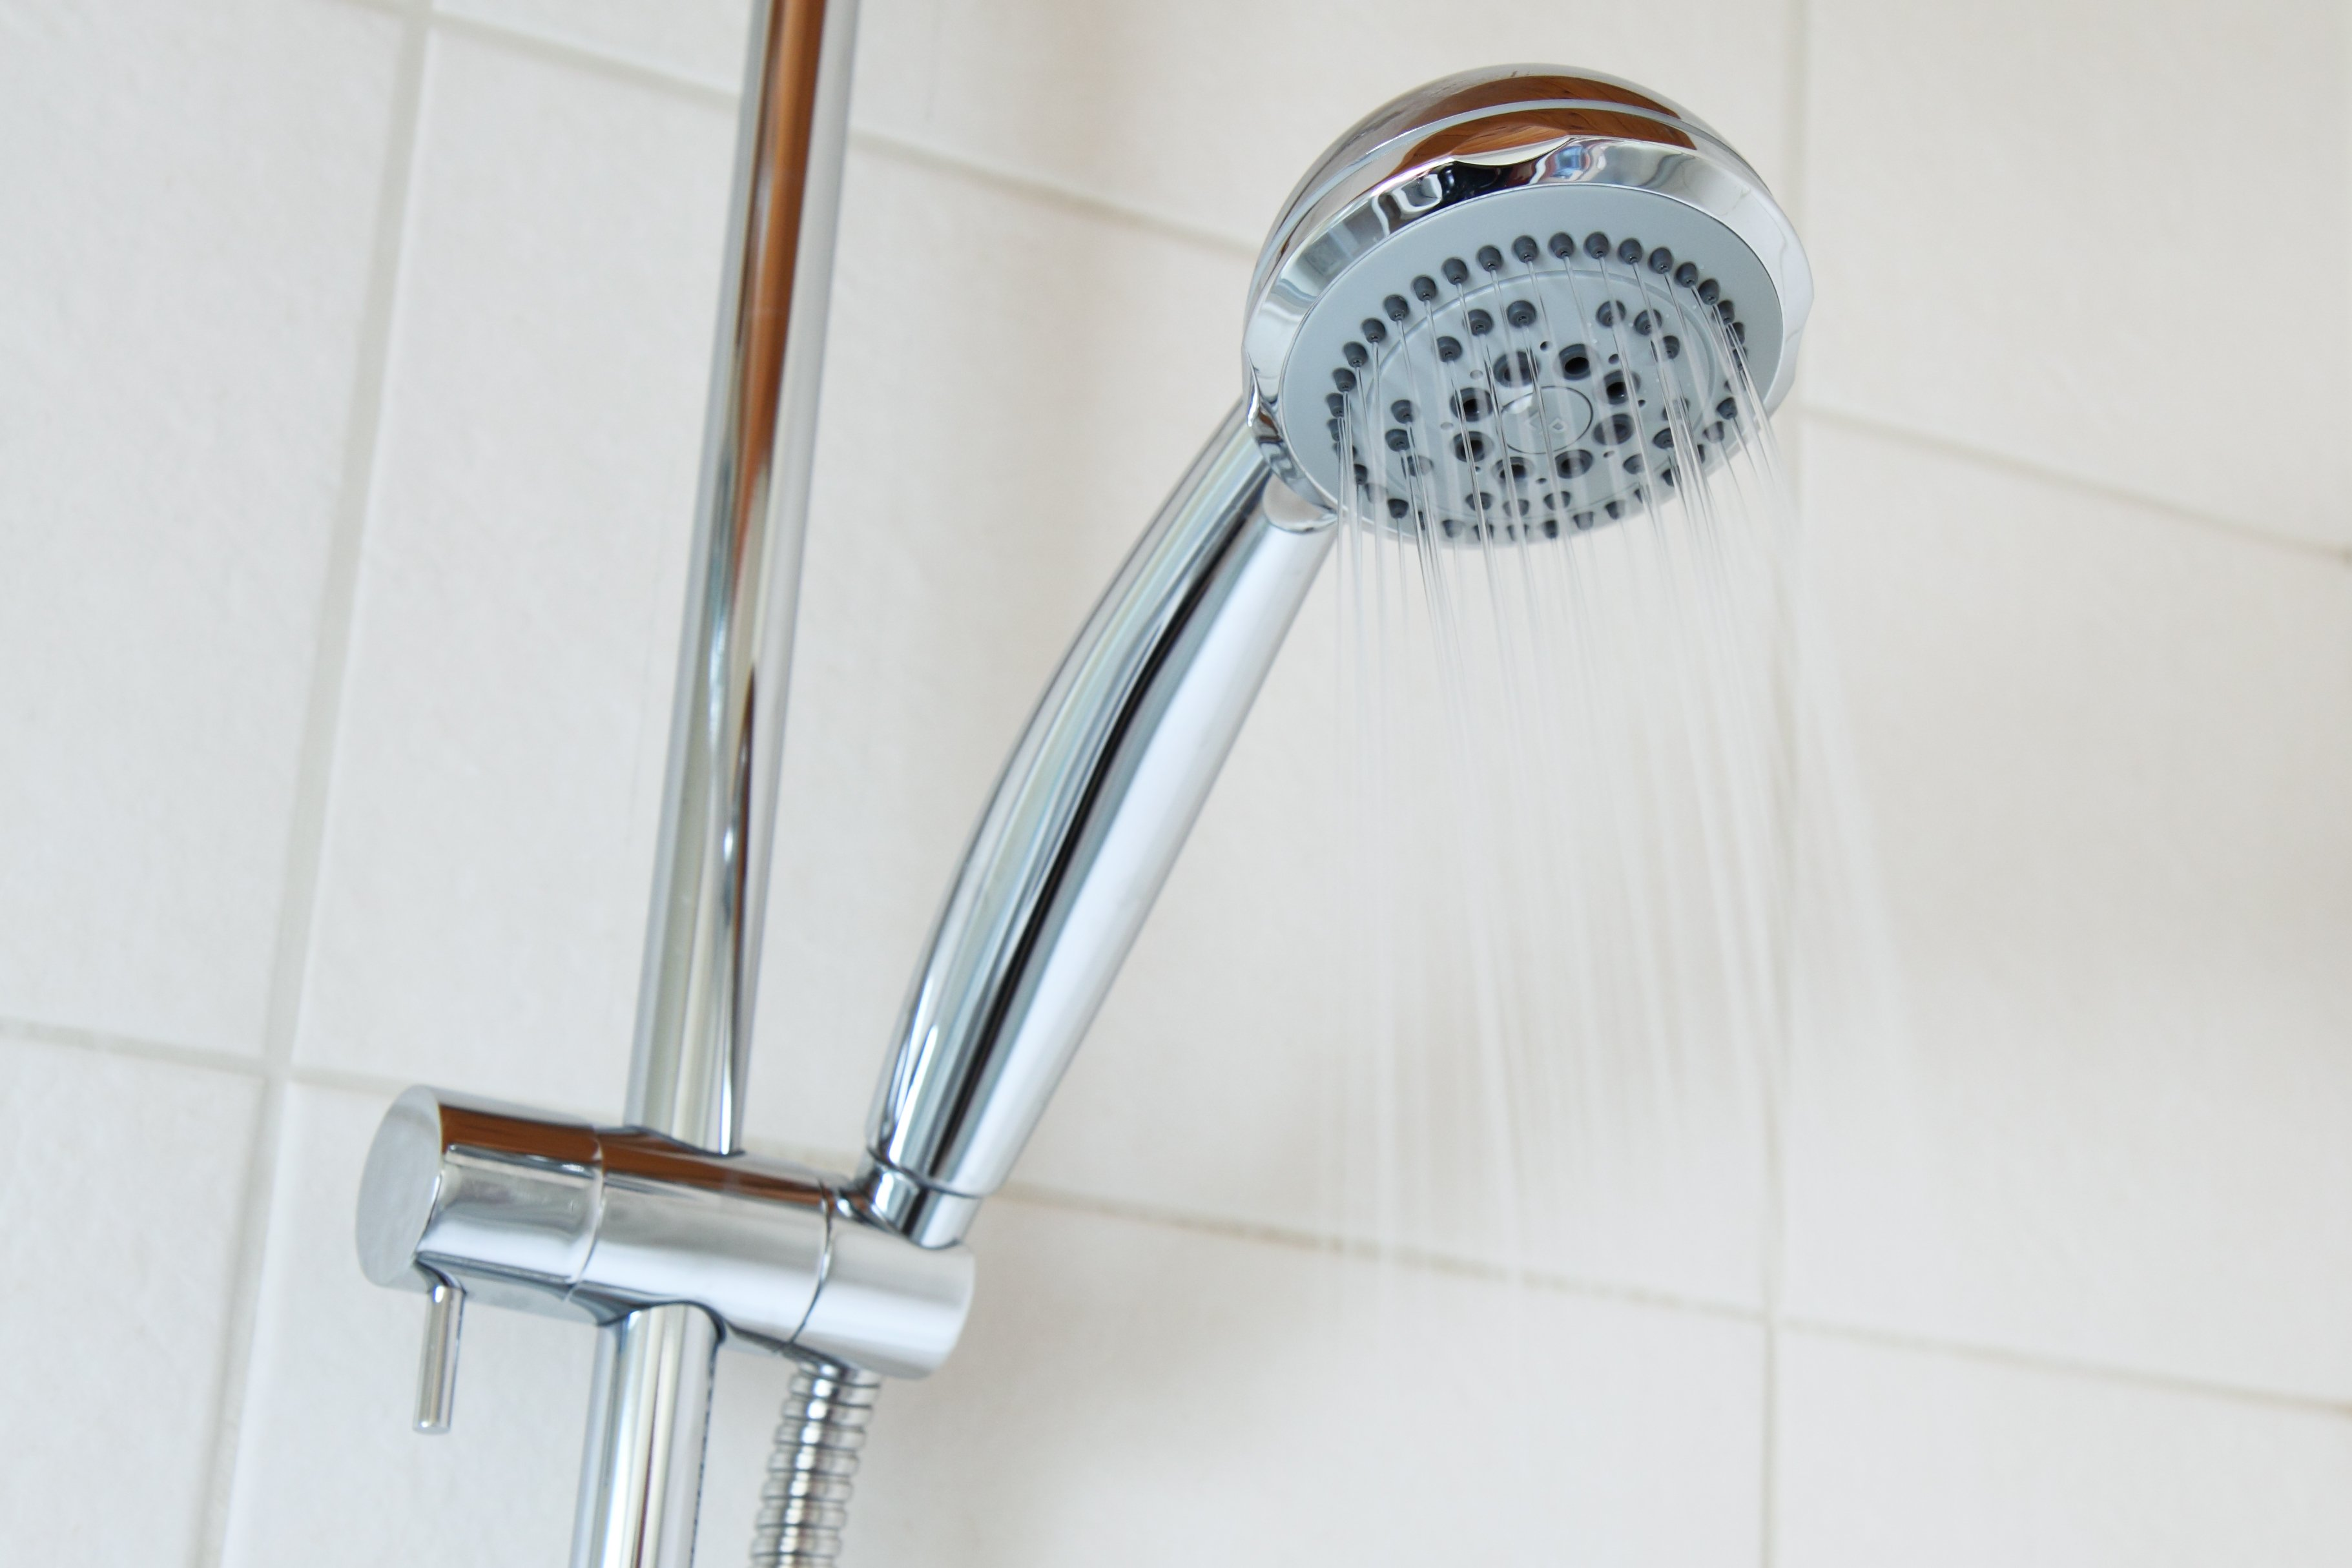 Para um banho quente e confortável no inverno, é preciso observar o funcionamento correto do aquecedor de passagem. Foto: Pixabay